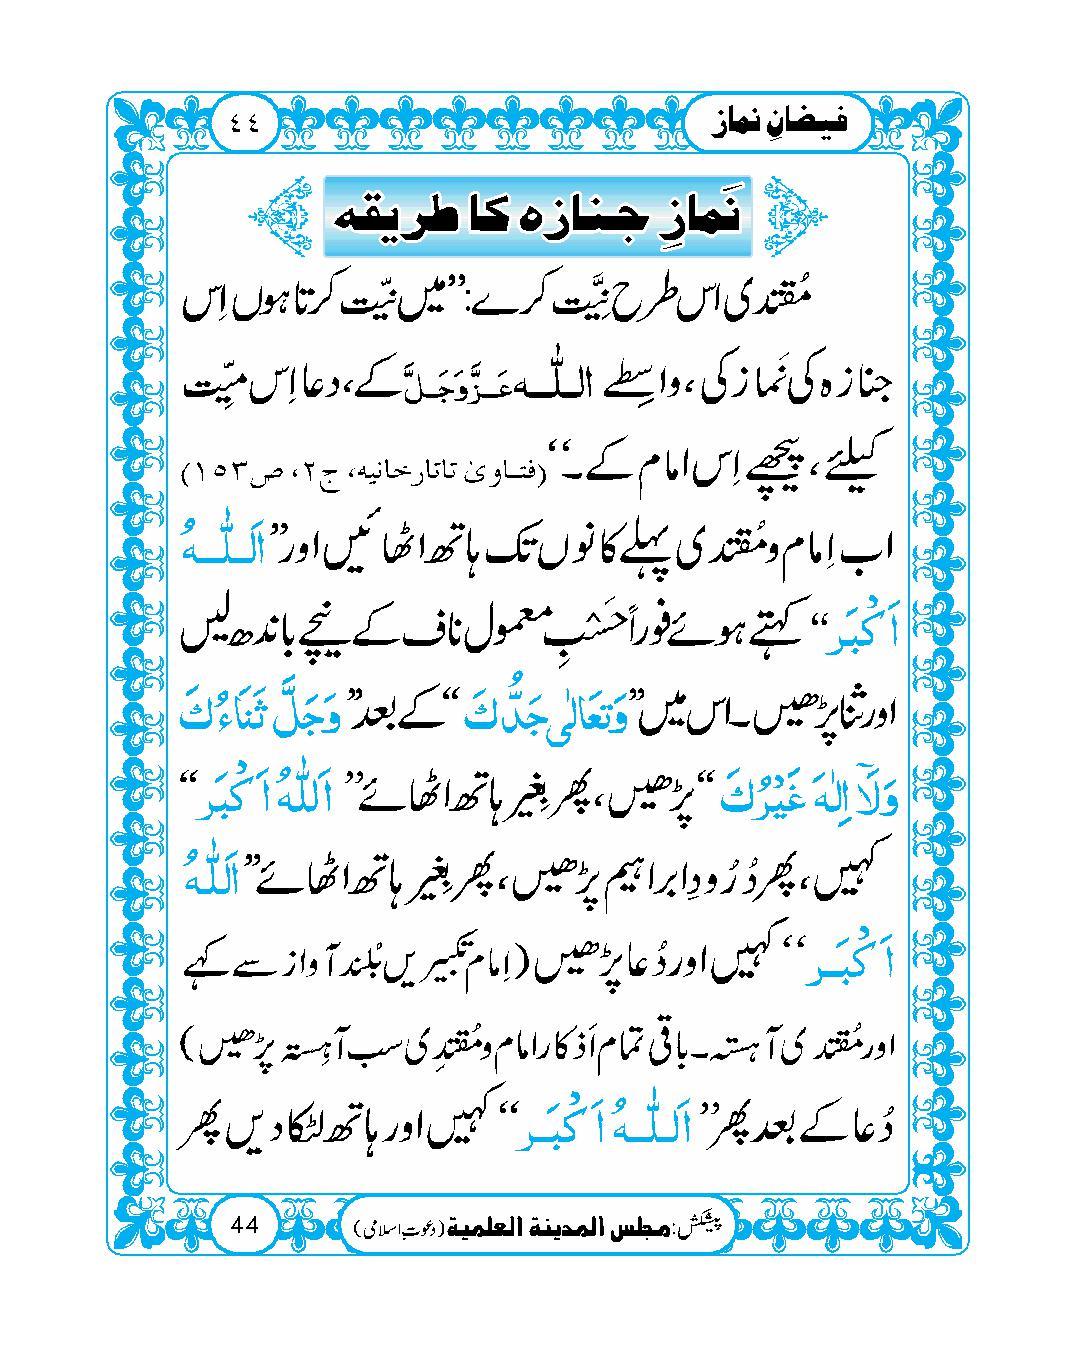 page No 44